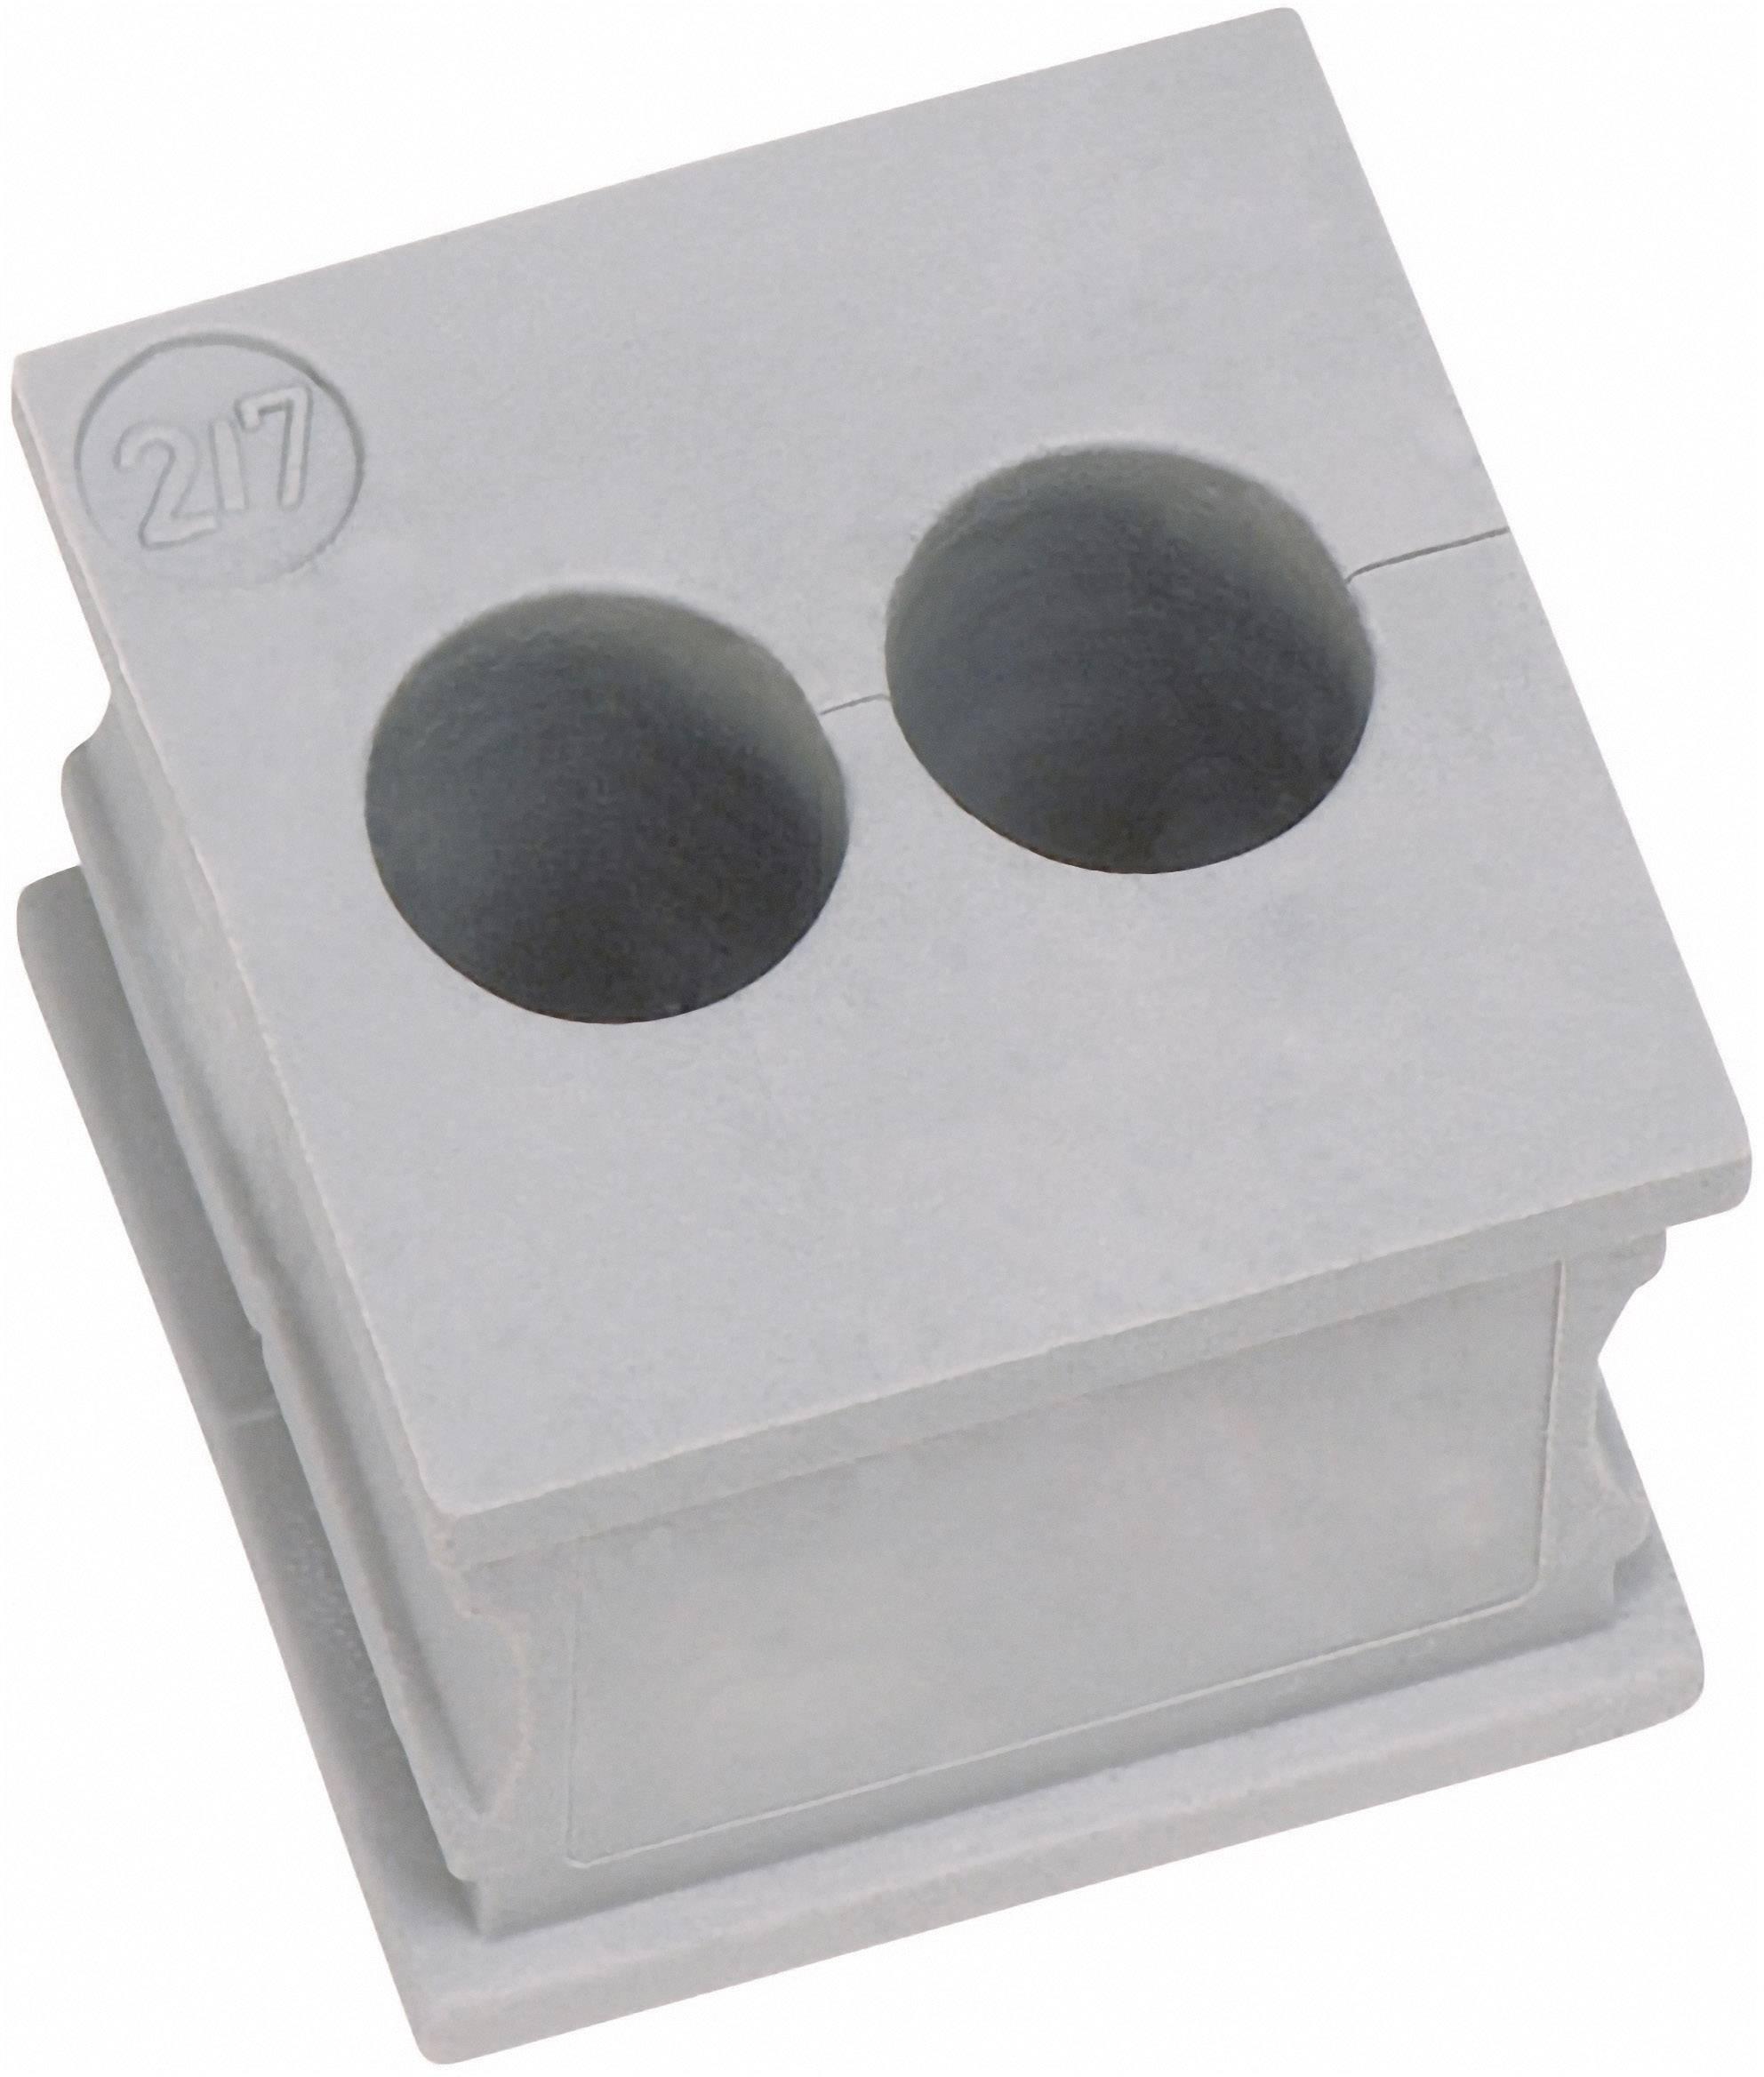 Icotek Kabelska kapa KT majhna, KT 2/2 za kabel- 2 x 2 mm, elastomer, siva